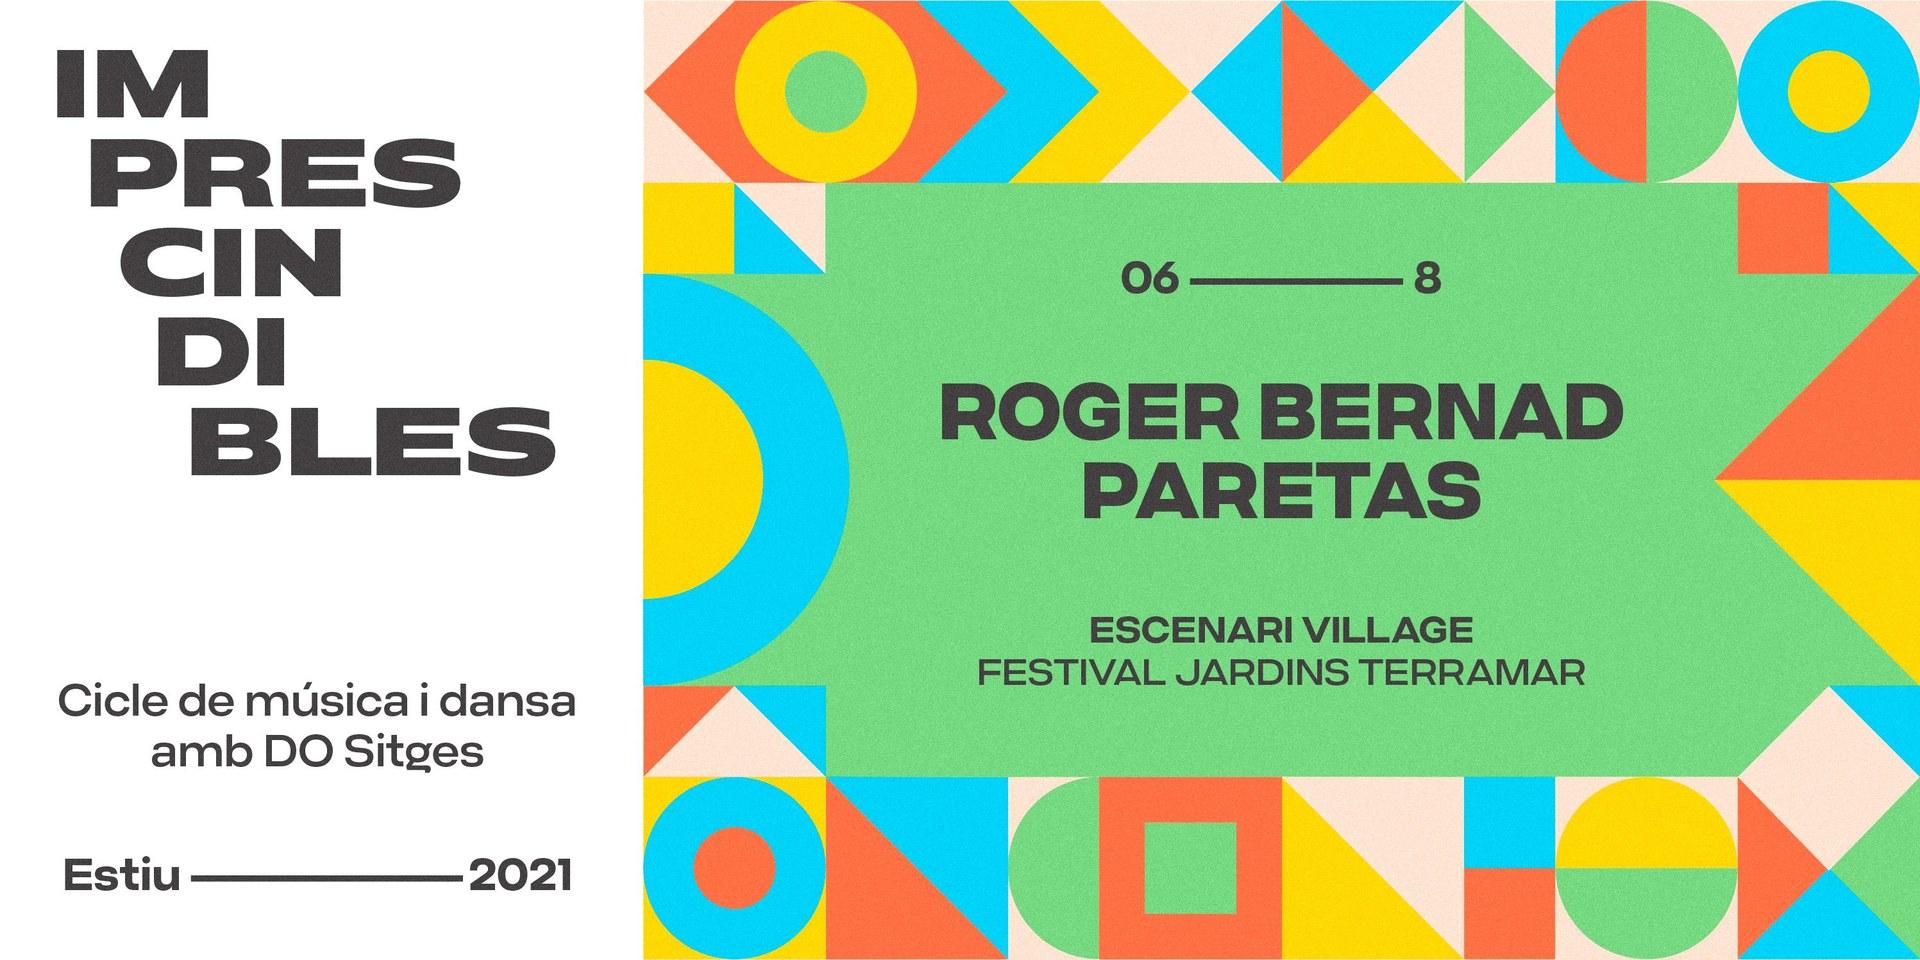 Roger Bernad Paretas 'Un dia'